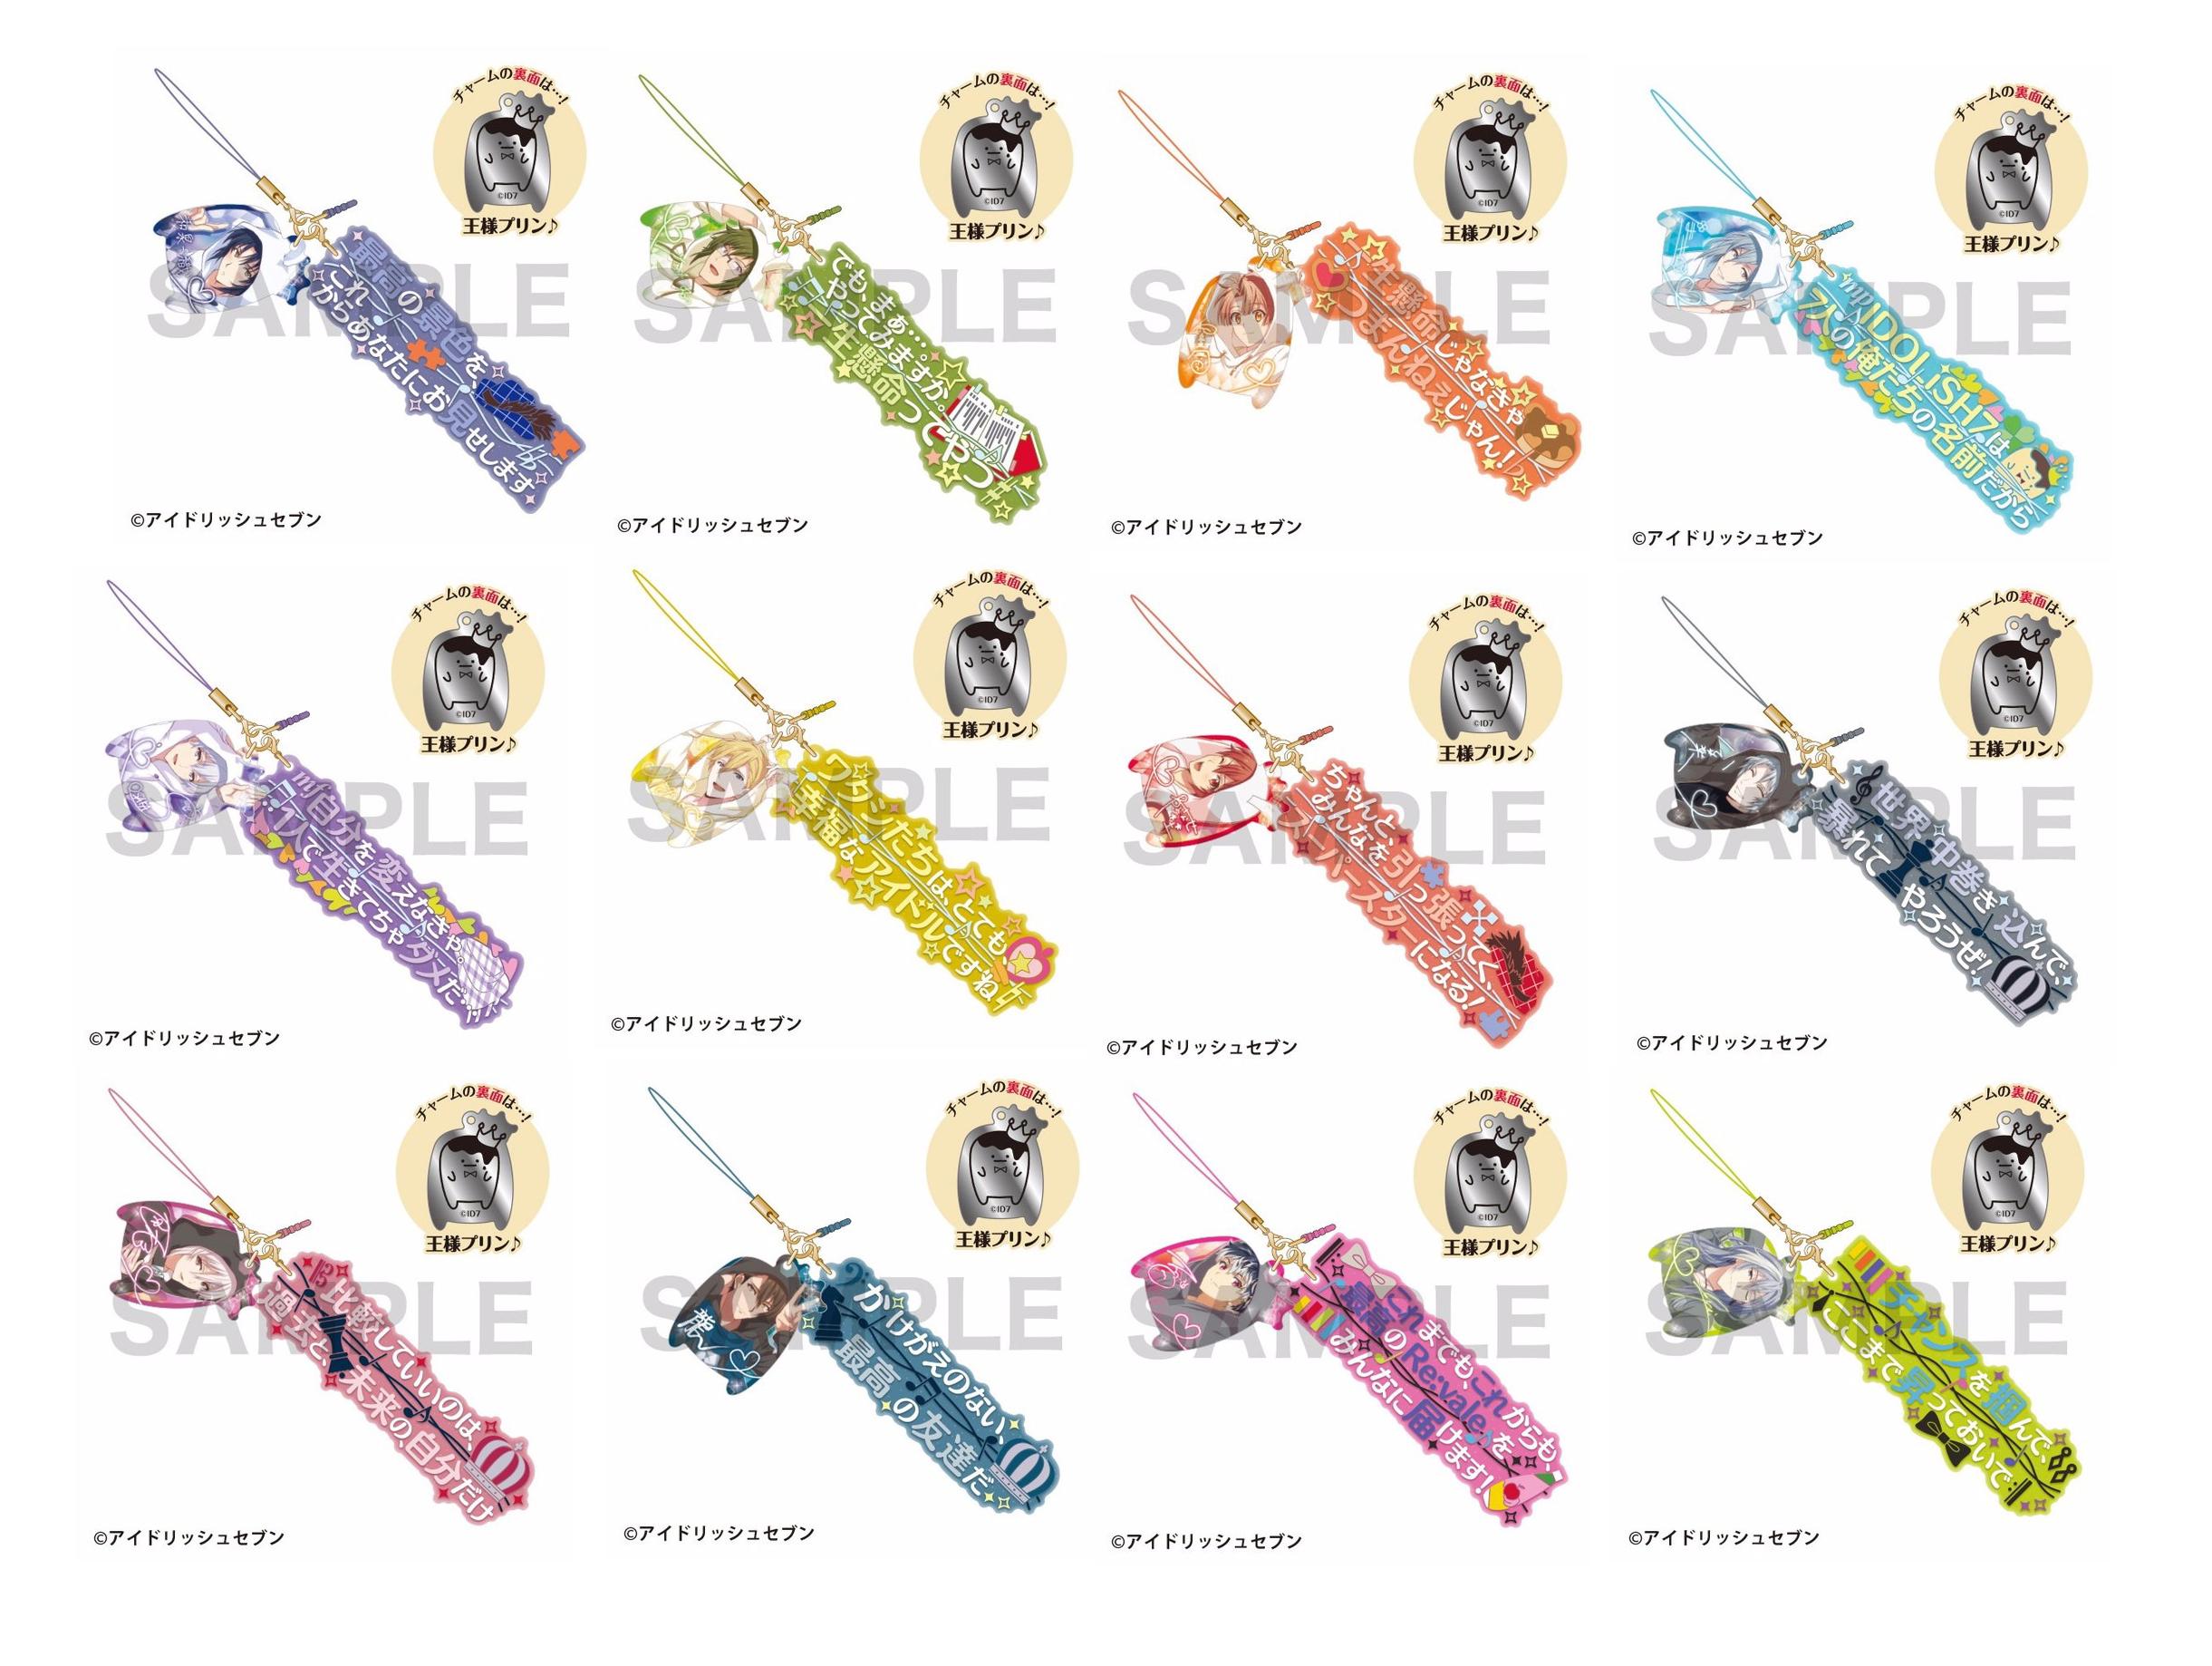 【アイナナ新グッズ】綺麗なラメ入りクリアラバーとうさ耳パーカーイラスト使用のチャームが可愛い「アイドリッシュセブン セリフストラップ」